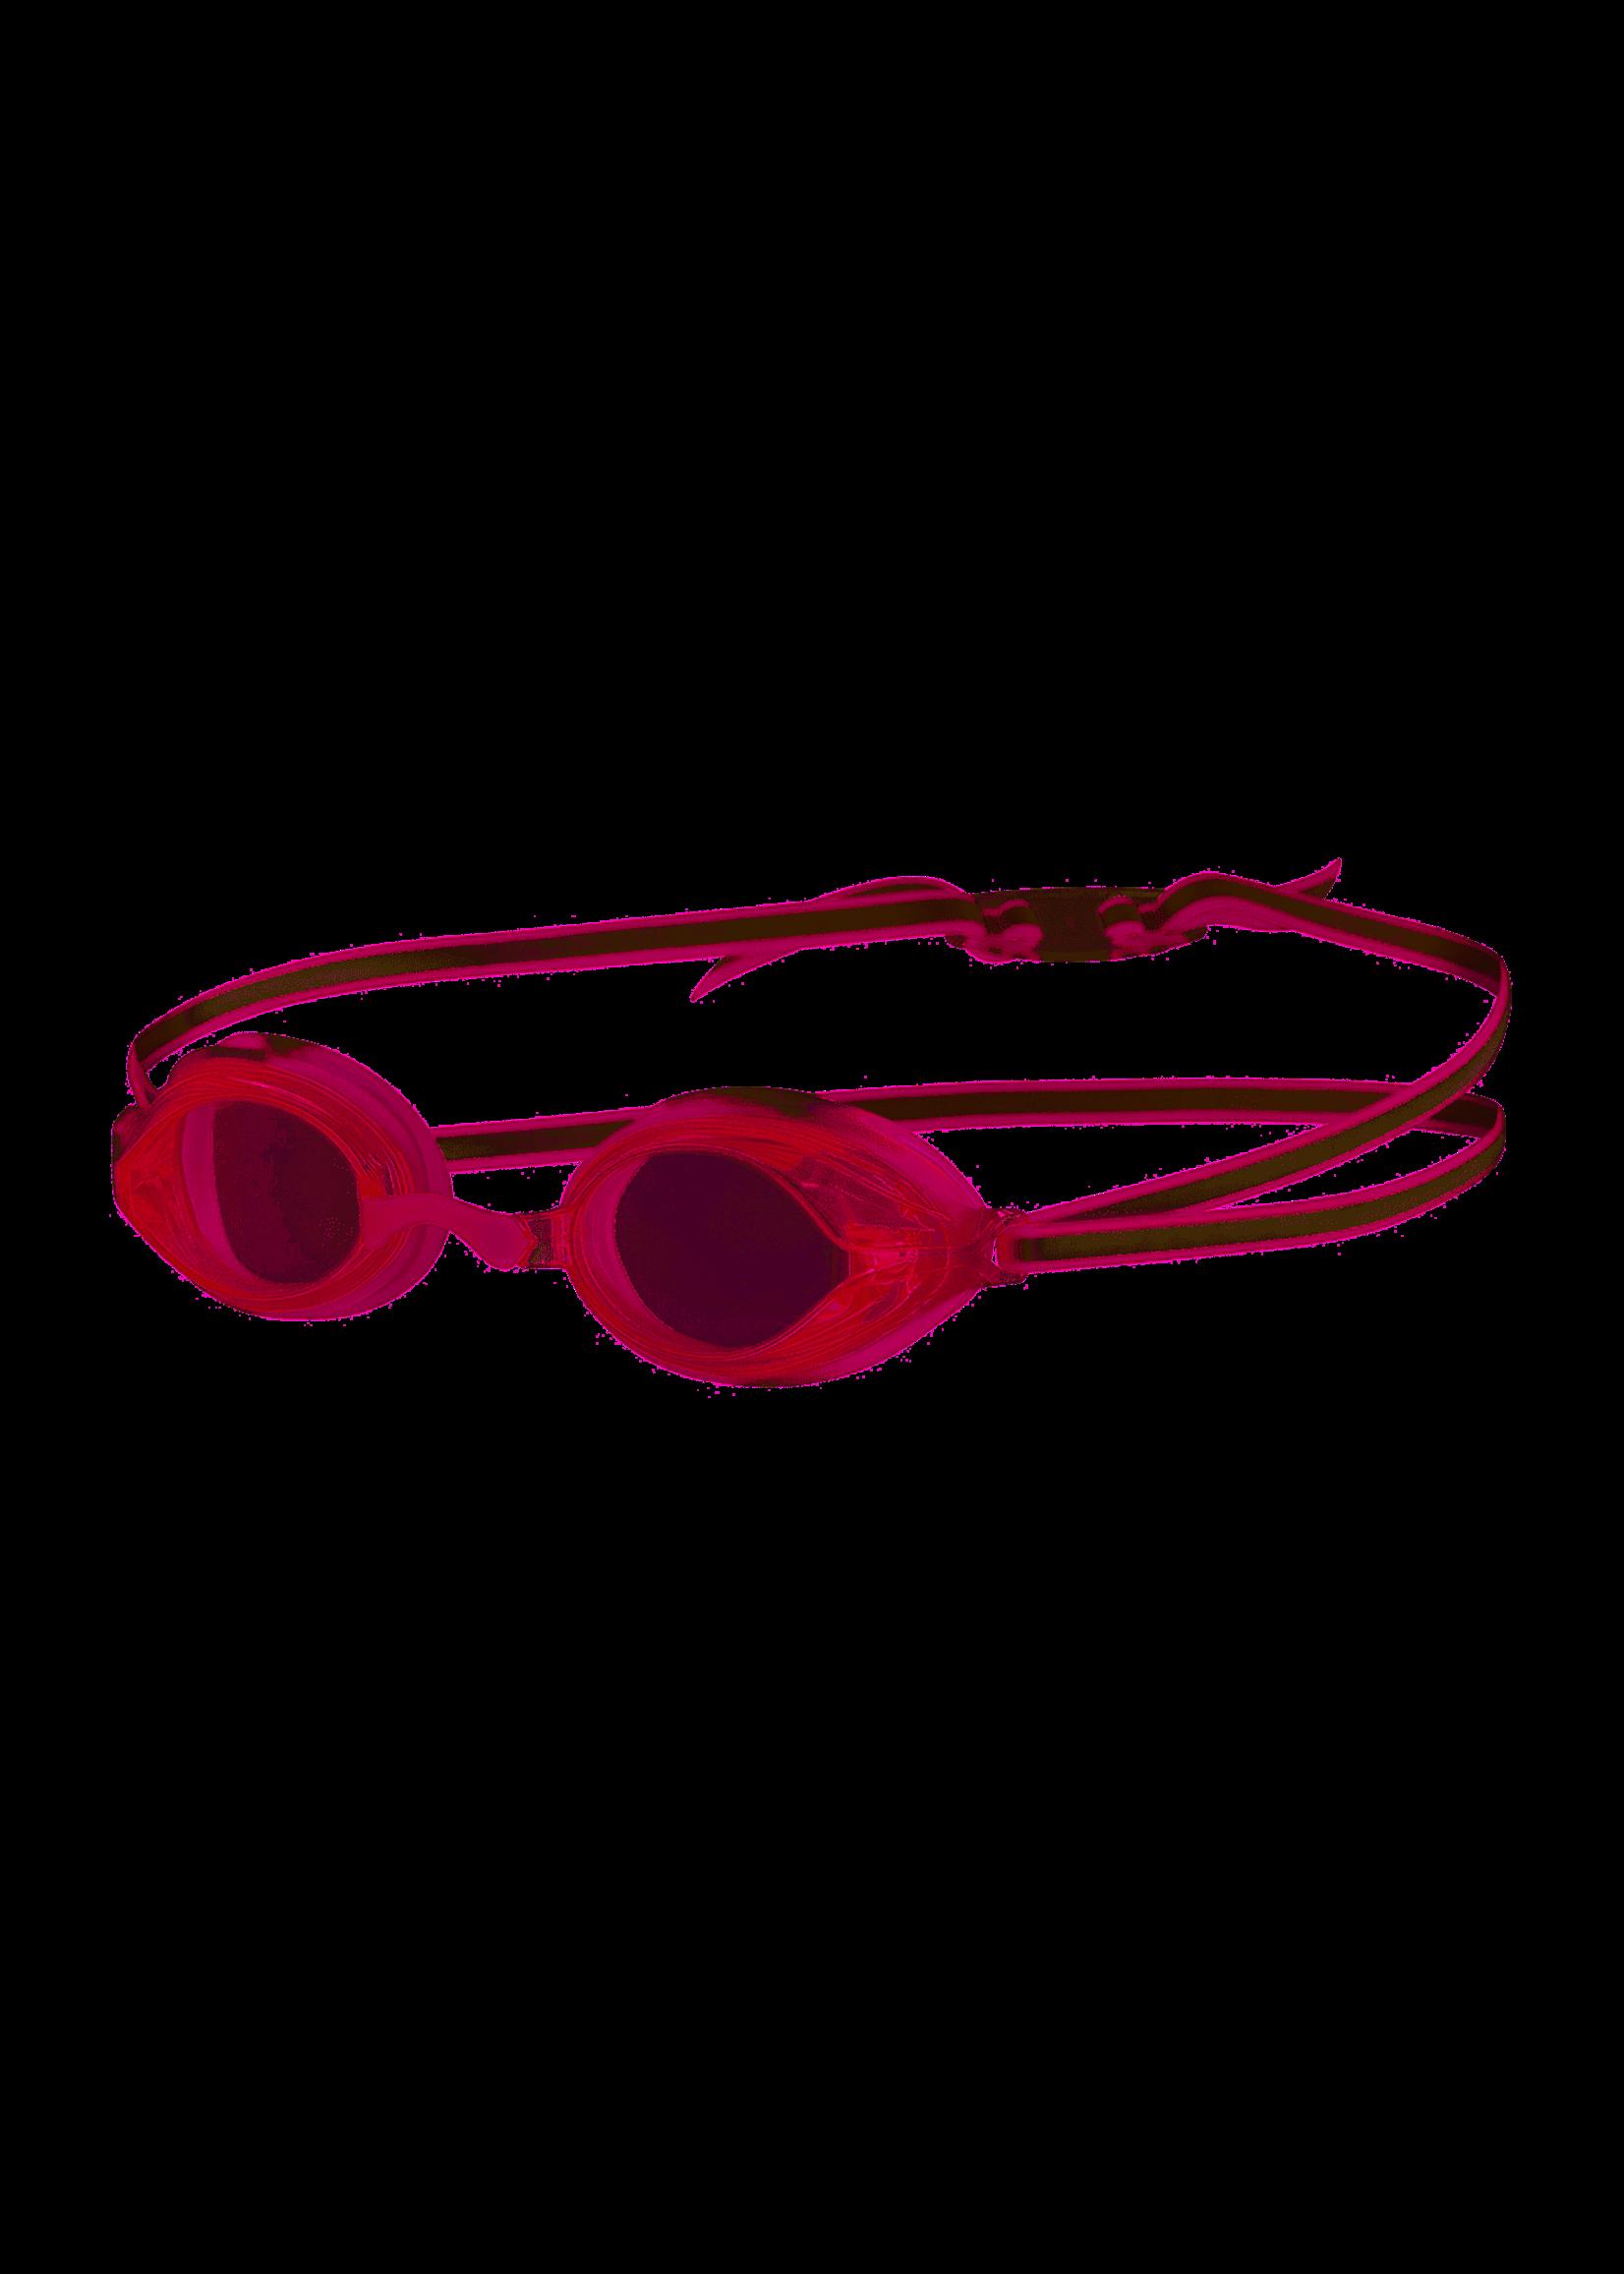 Speedo Speedo Vengeance Junior Swimming Goggle, Pink/White (2019)